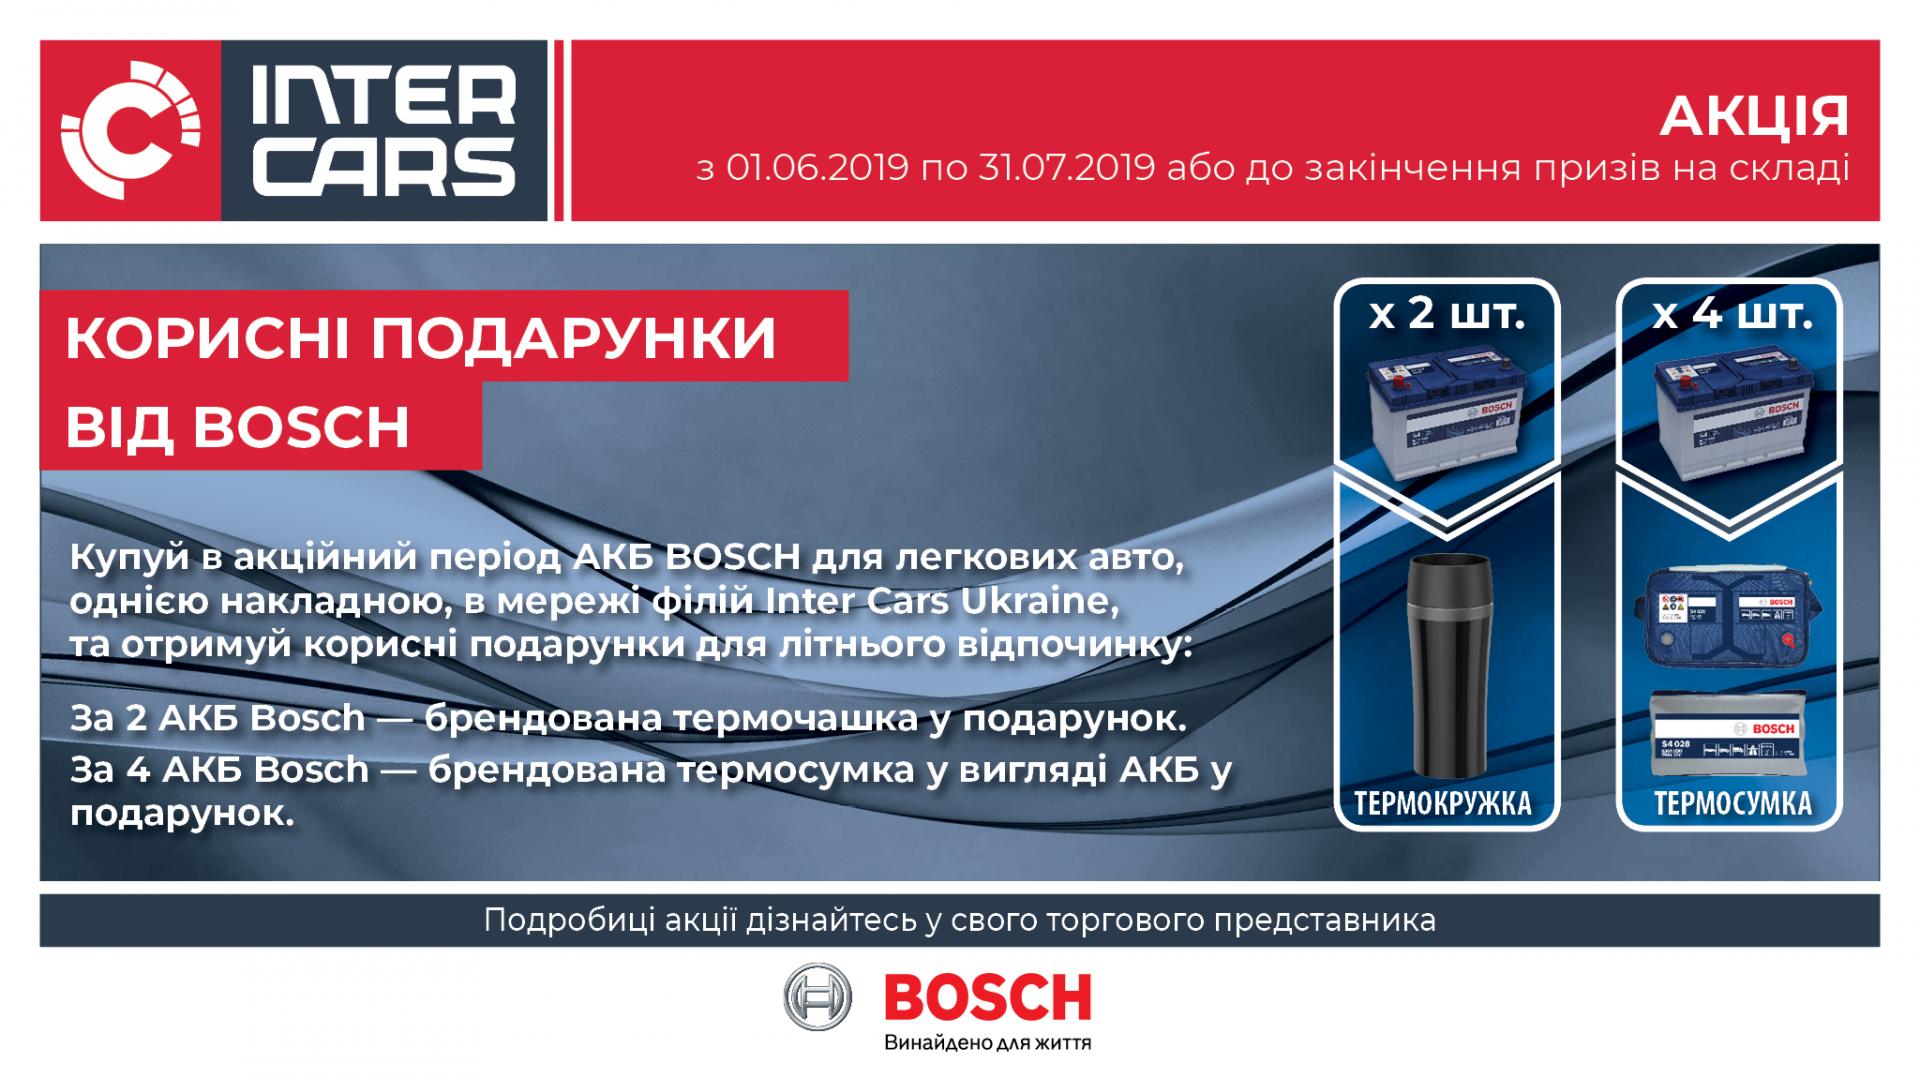 fb_20190530 Bosch.png